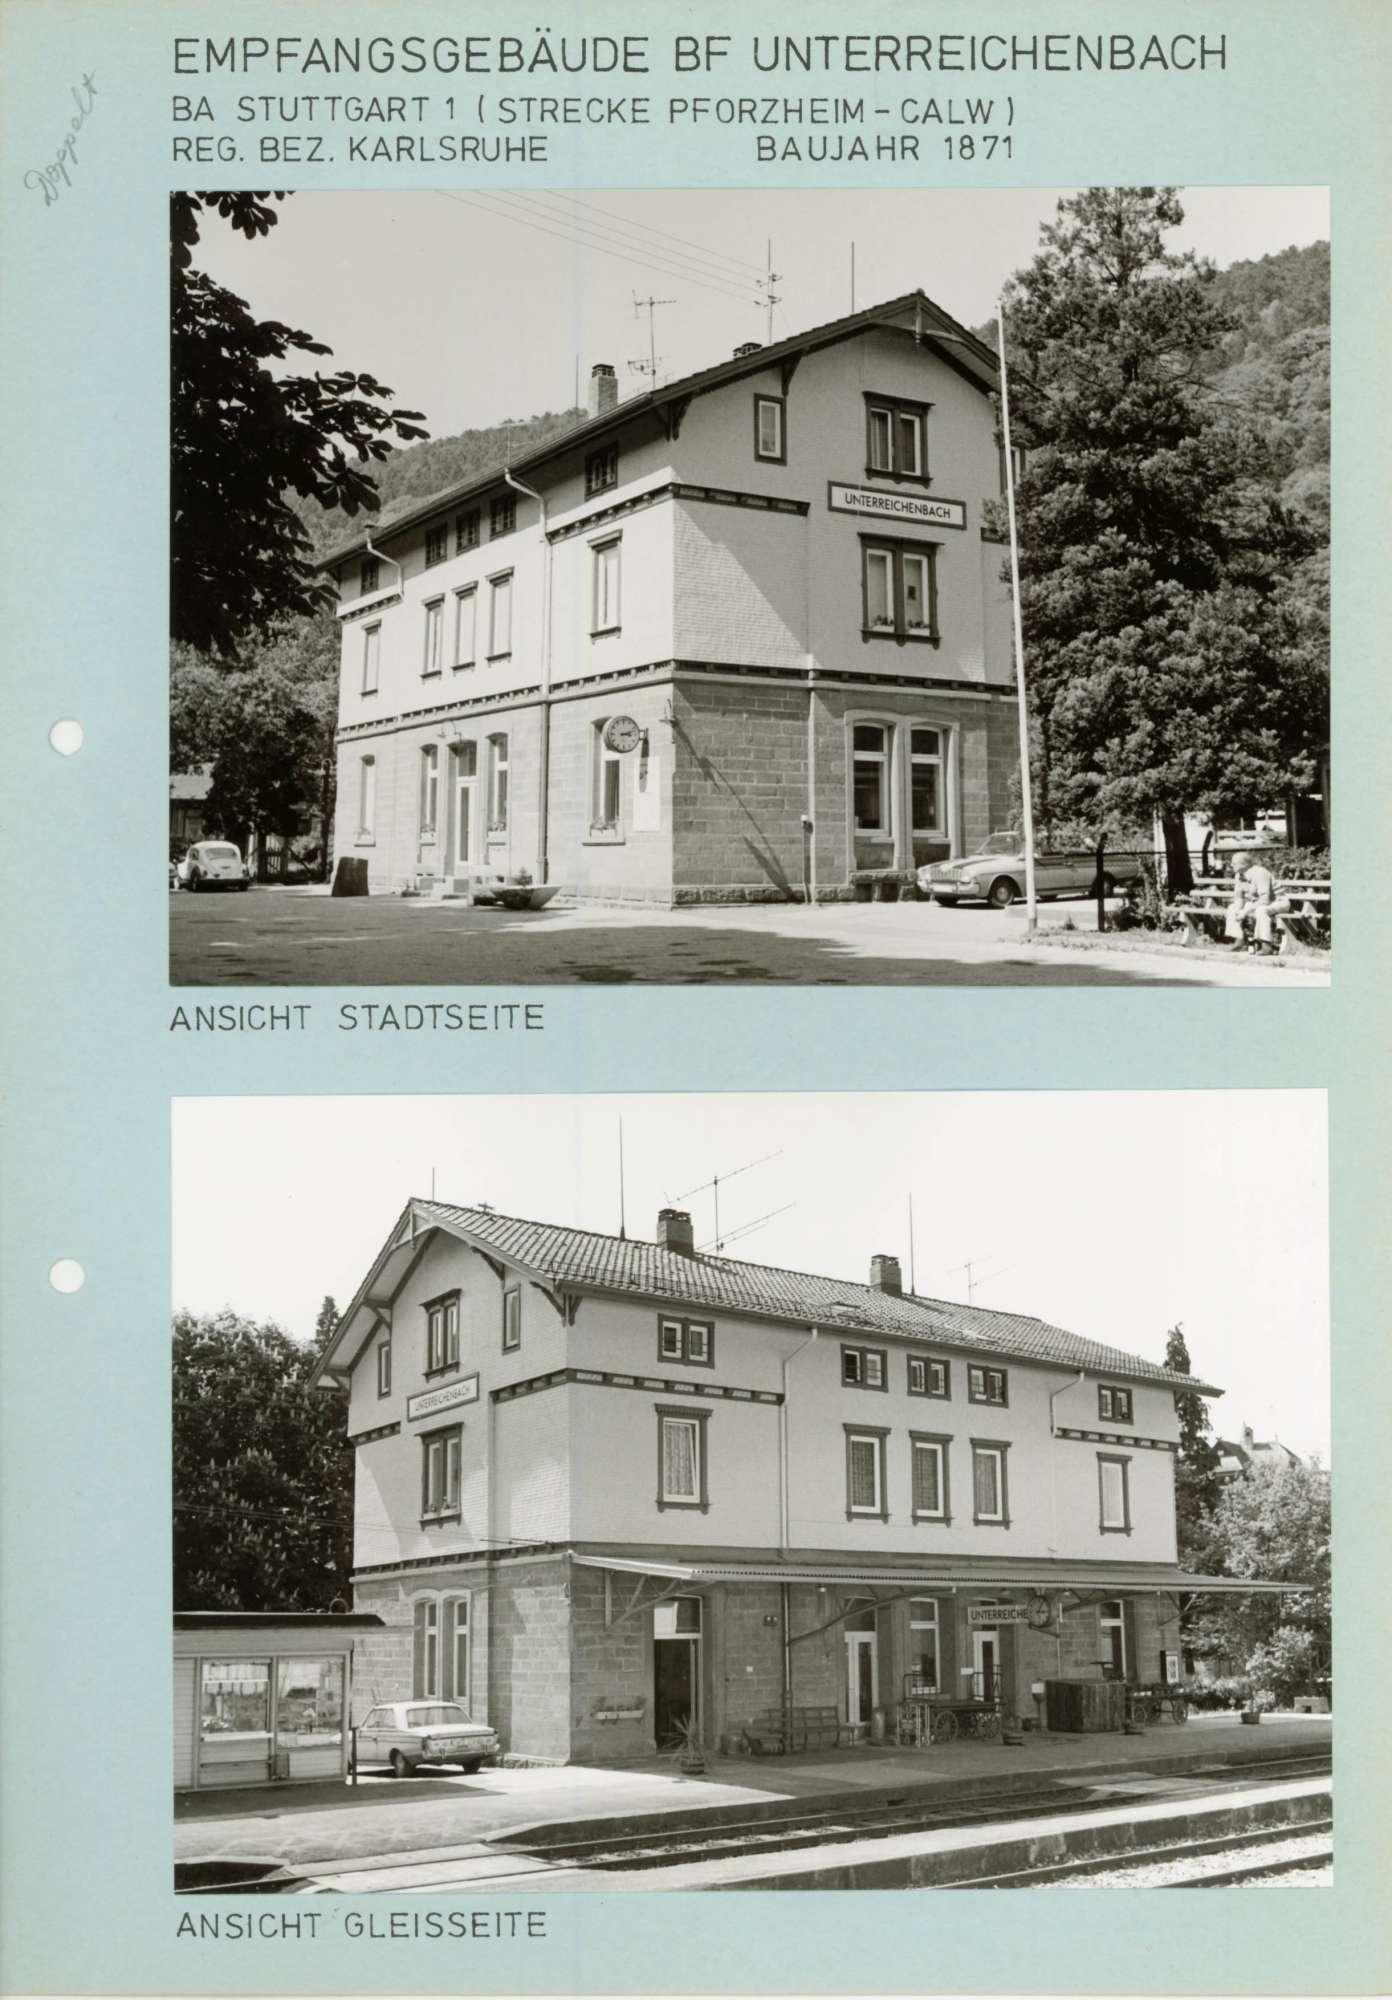 Unterreichenbach: 6 Fotos, Bild 2